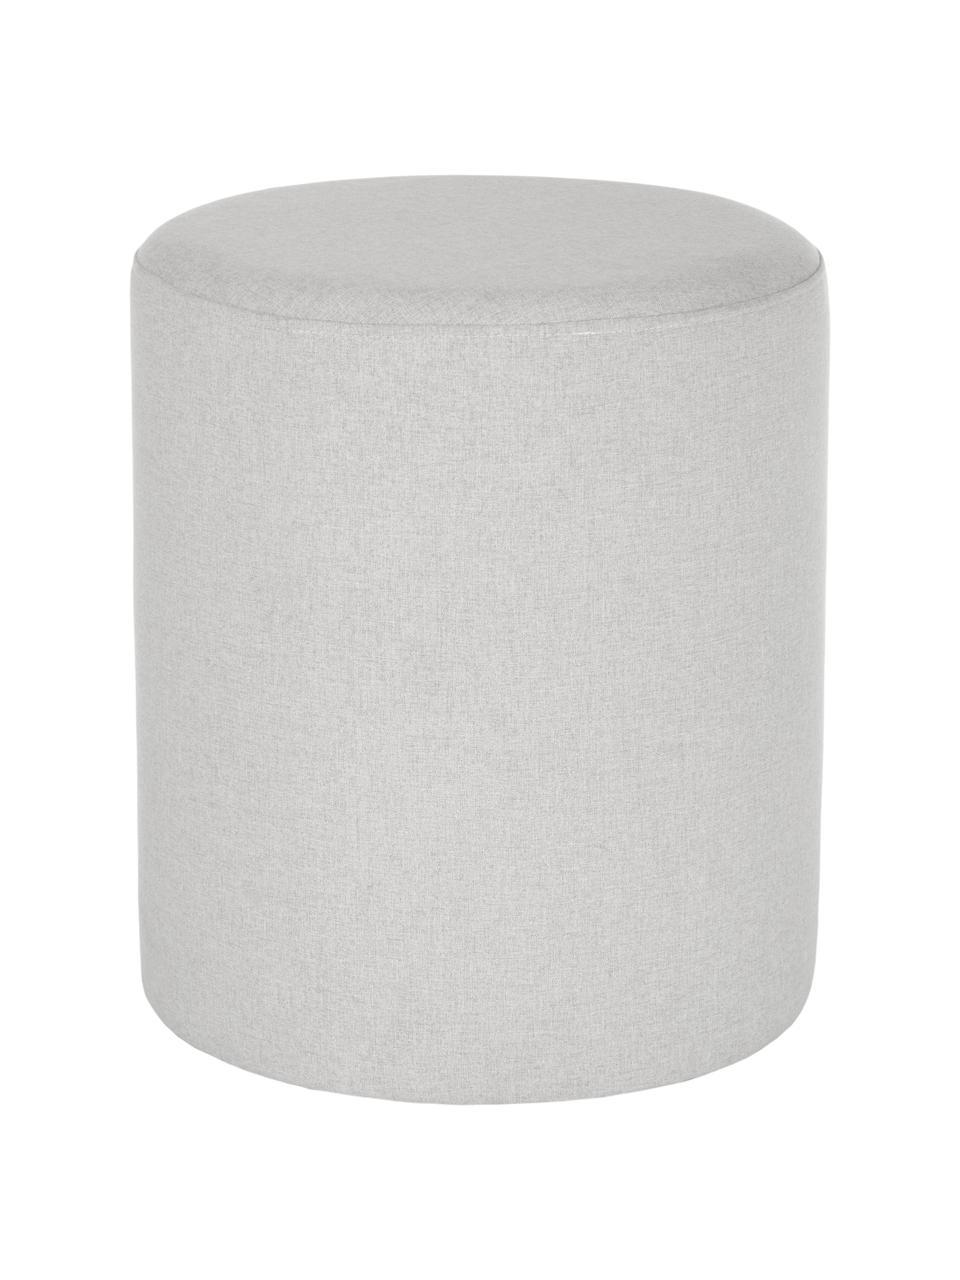 Kruk Daisy in lichtgrijs, Bekleding: 100% polyester, Frame: multiplex, Grijs, Ø 38 x H 45 cm